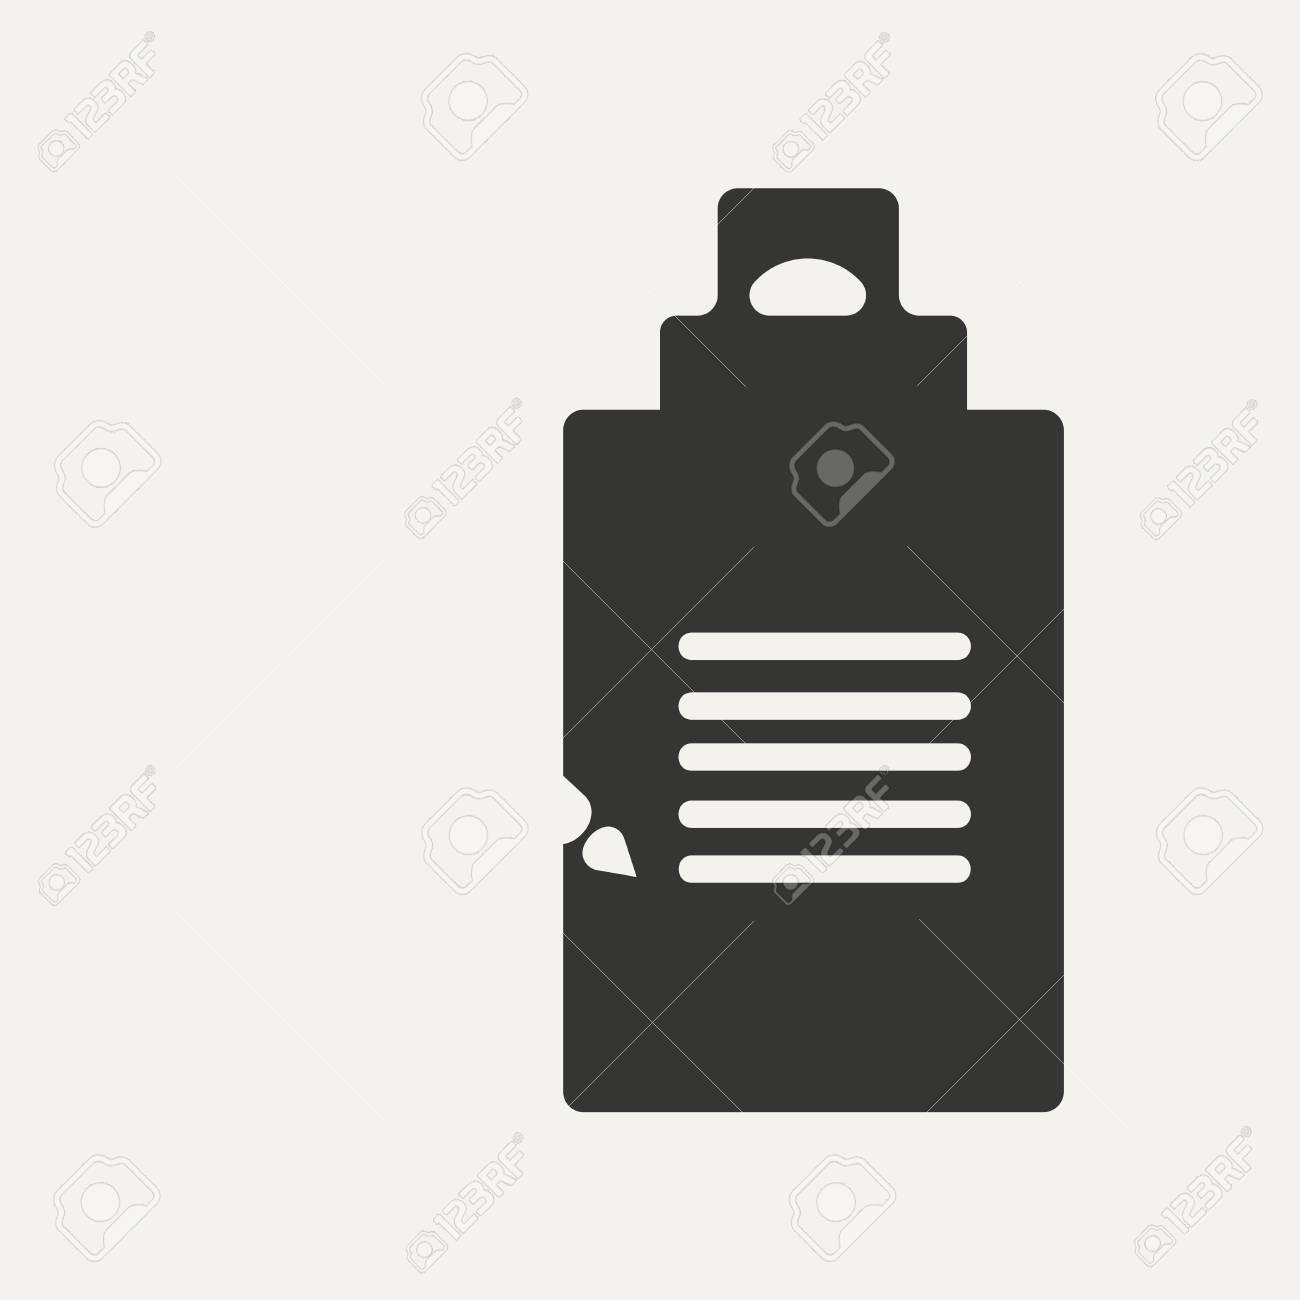 Wohnung In Schwarz Weiß Handy Bewerbungsunterlagen Lizenzfrei